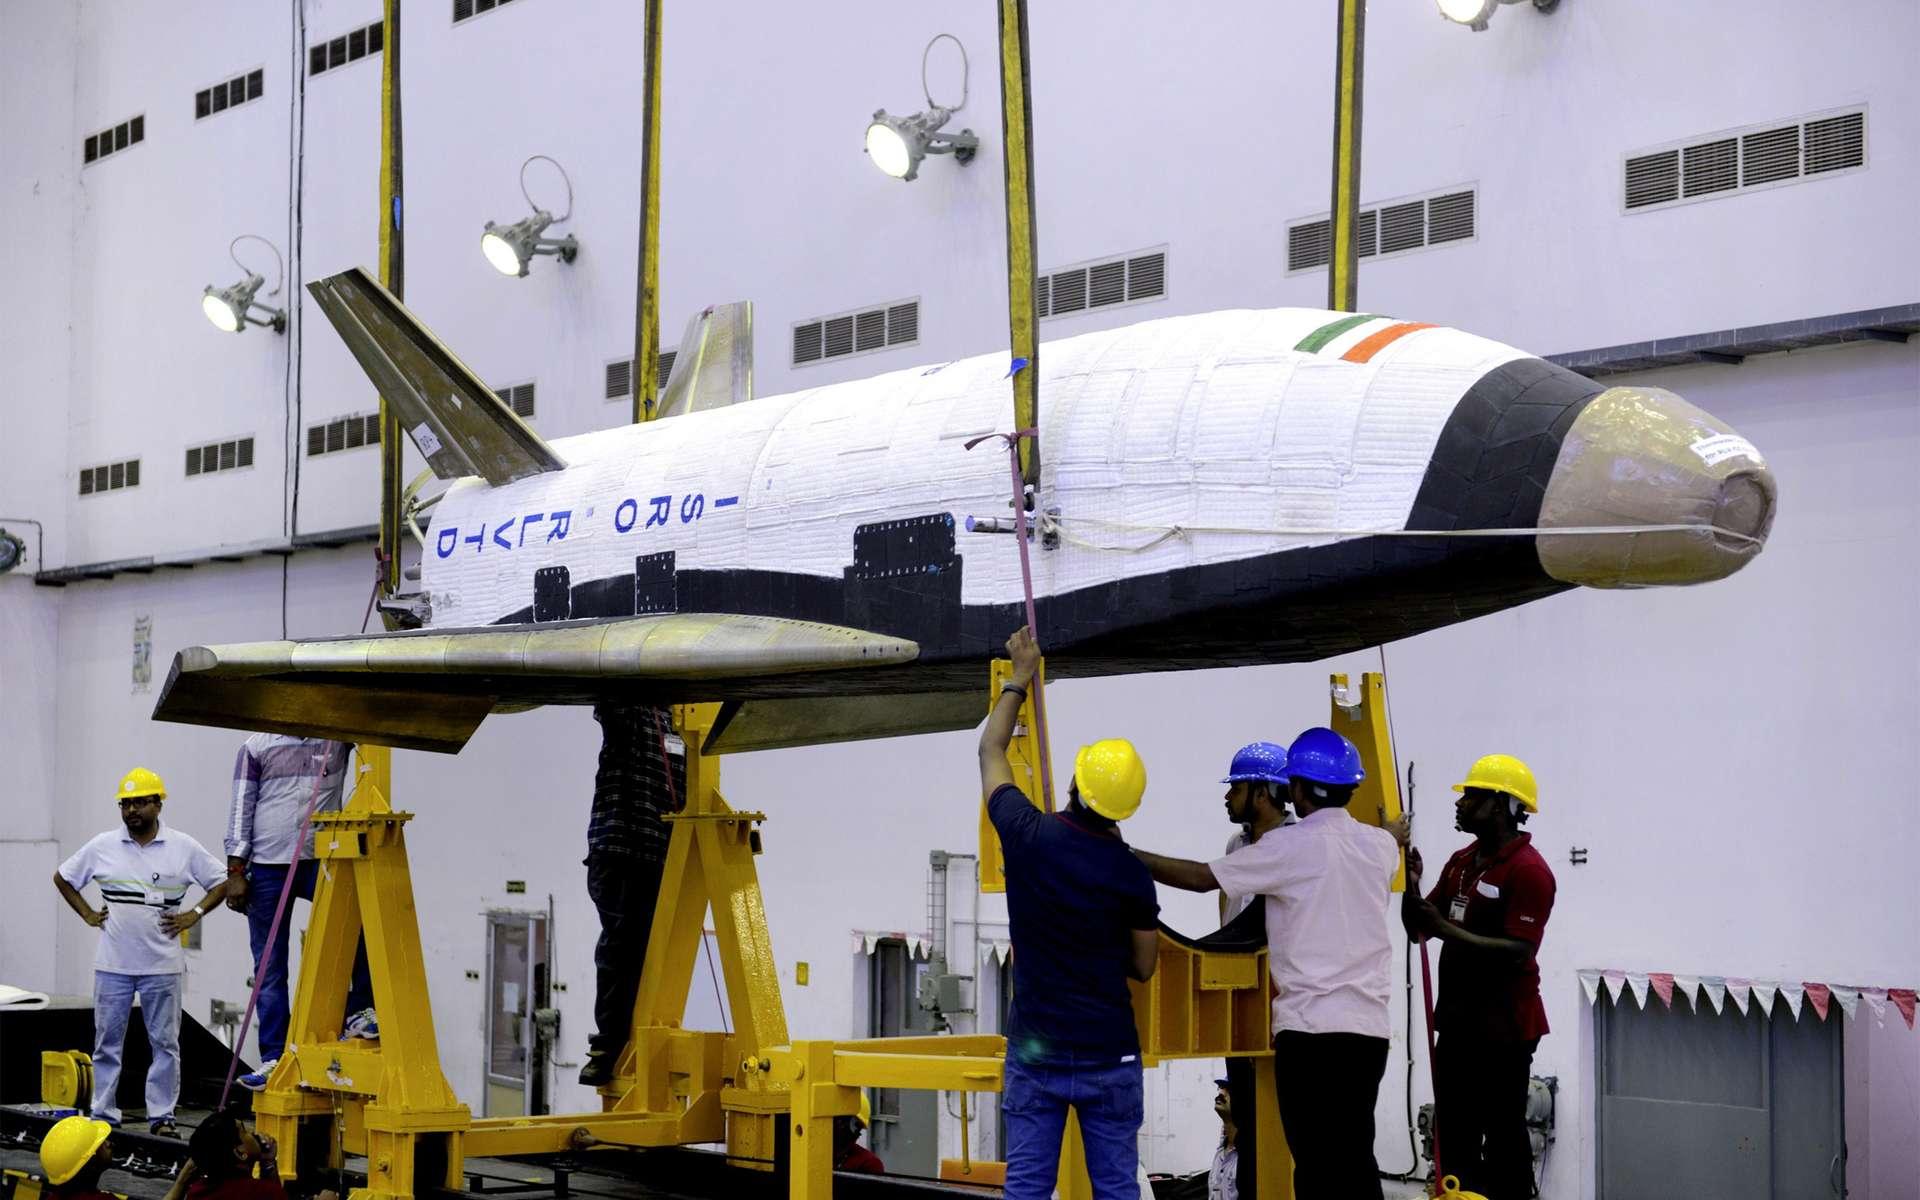 Long de moins de dix mètres, ce prototype préfigure, peut-être, le futur véhicule réutilisable et ailé à deux étages dont l'Inde souhaite se doter pour le lancement de satellites en orbite basse. © Isro